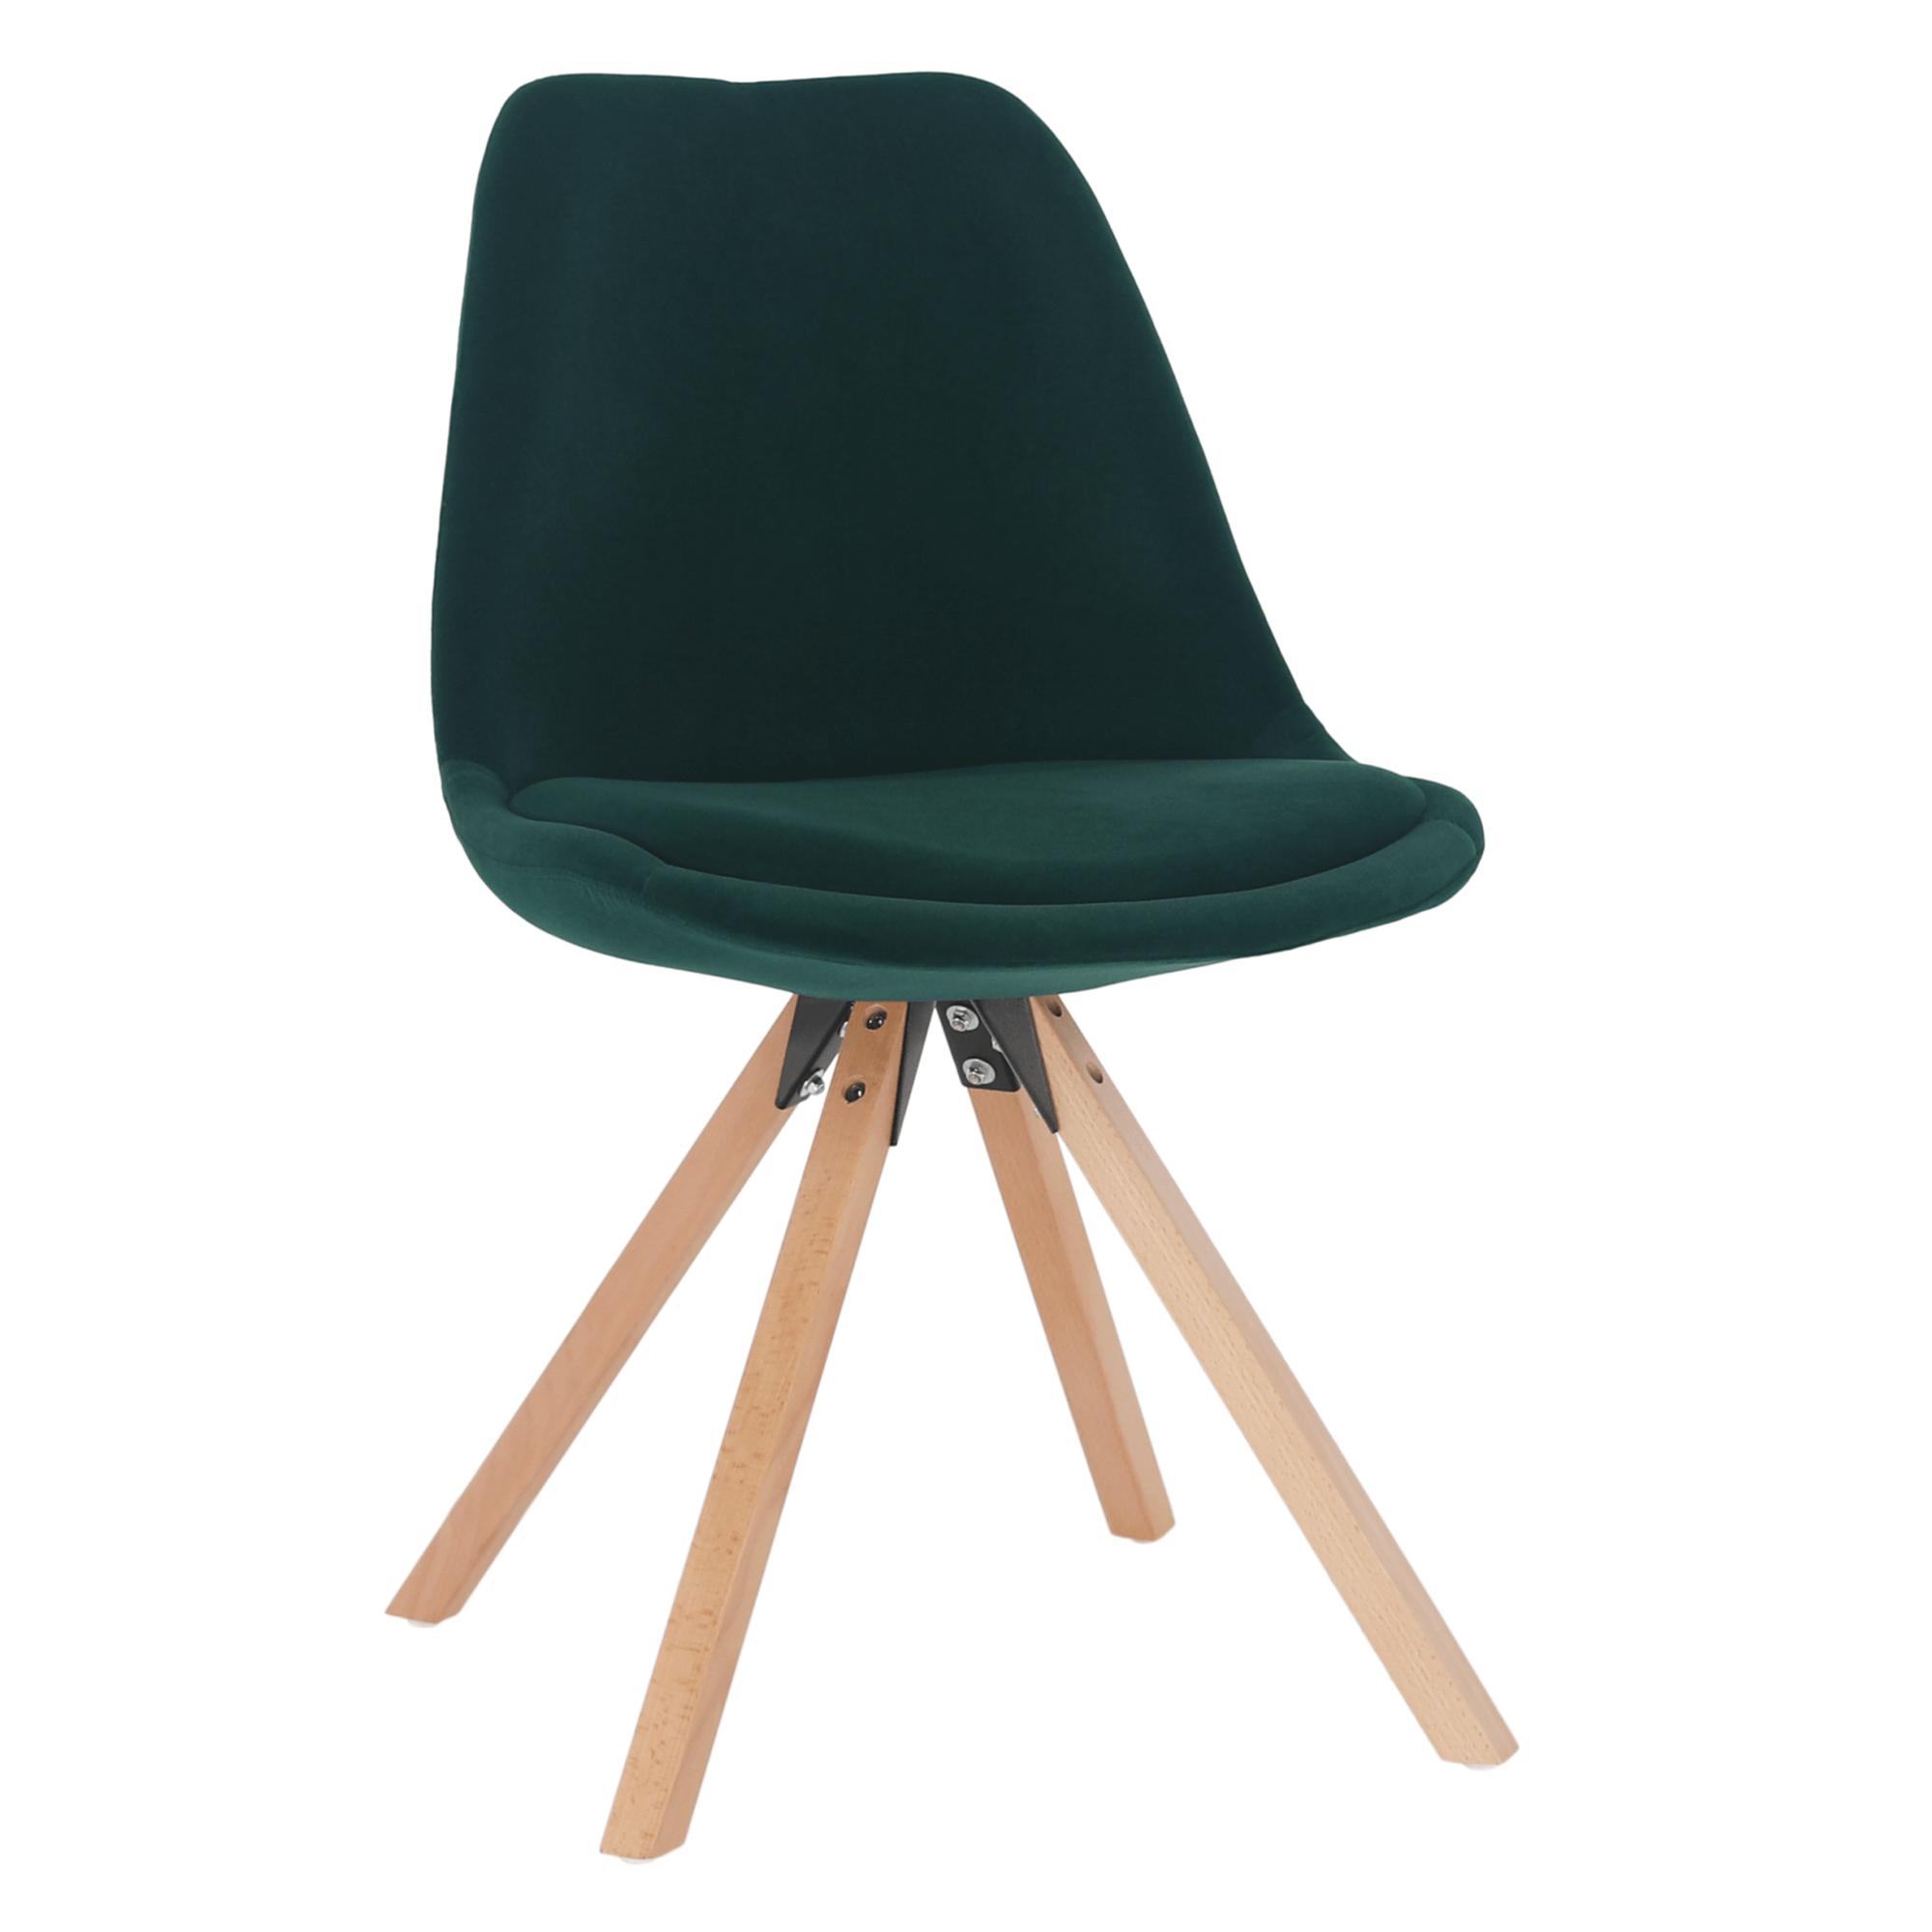 Stolička, smaragdová Velvet látka/buk, SABRA